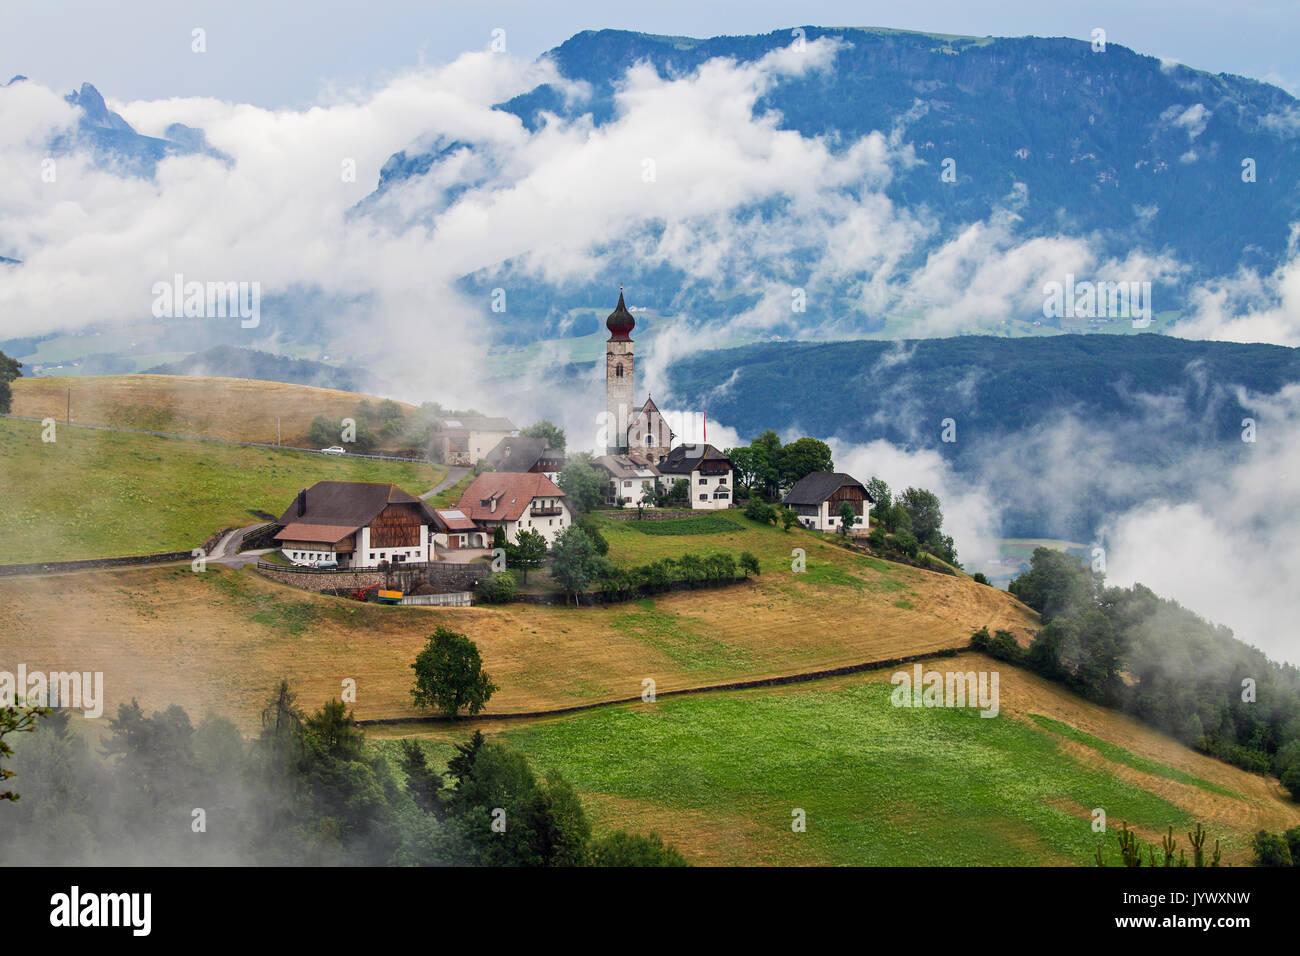 MONTE DI MEZZO, Italia - 25 giugno 2017: Villaggio del Monte di Mezzo con San Nicolò Chiesa; situato nelle Dolomiti, vicino a piramidi di terra di Renon Immagini Stock